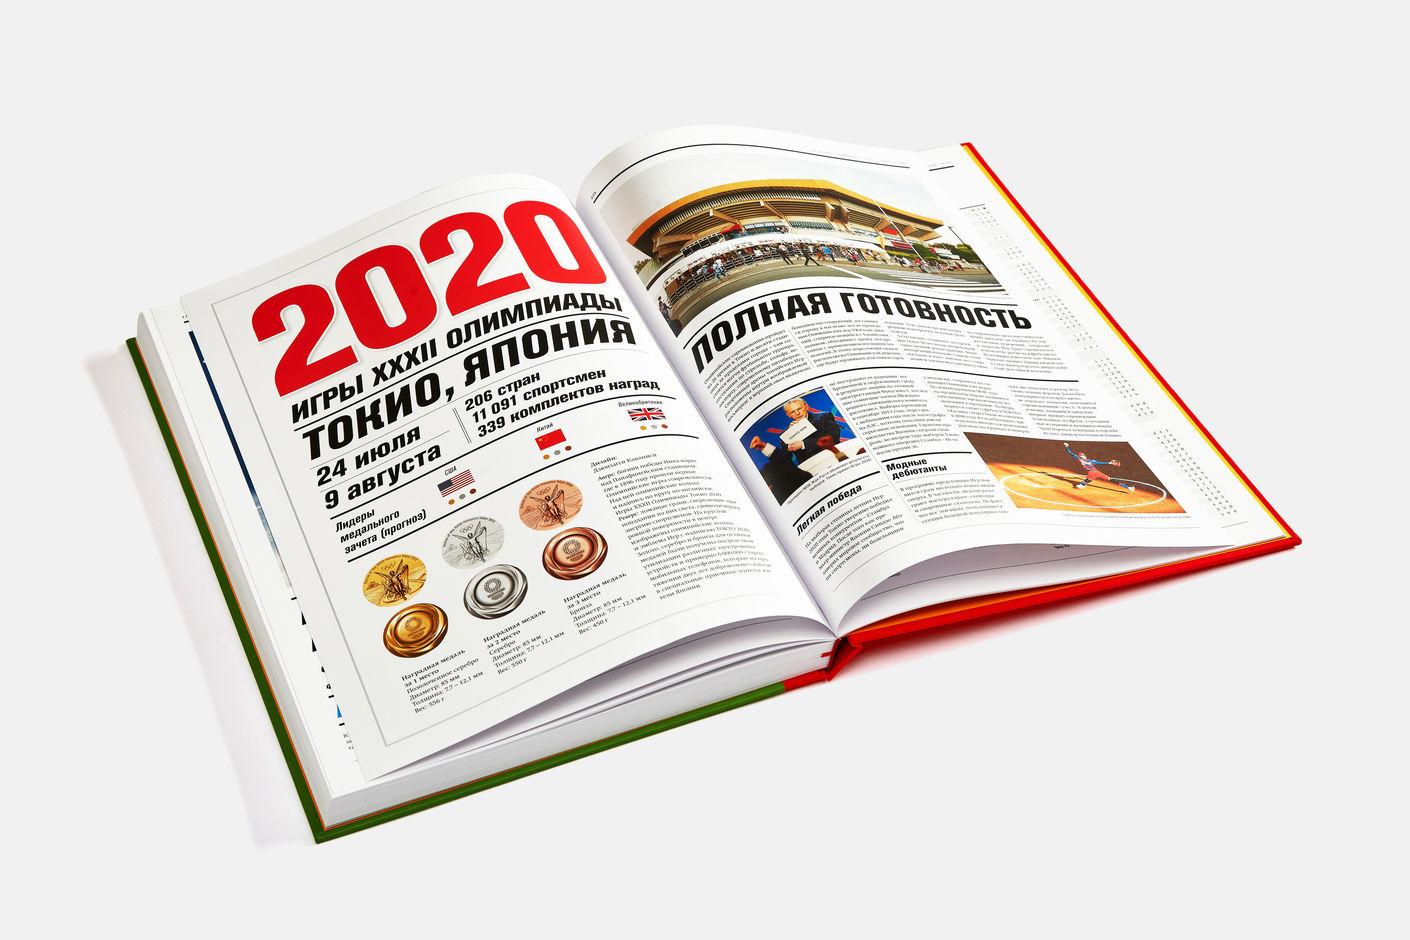 Олимпийские герои, 2019, Агей Томеш, Лаборатория дизайна НИУ ВШЭ